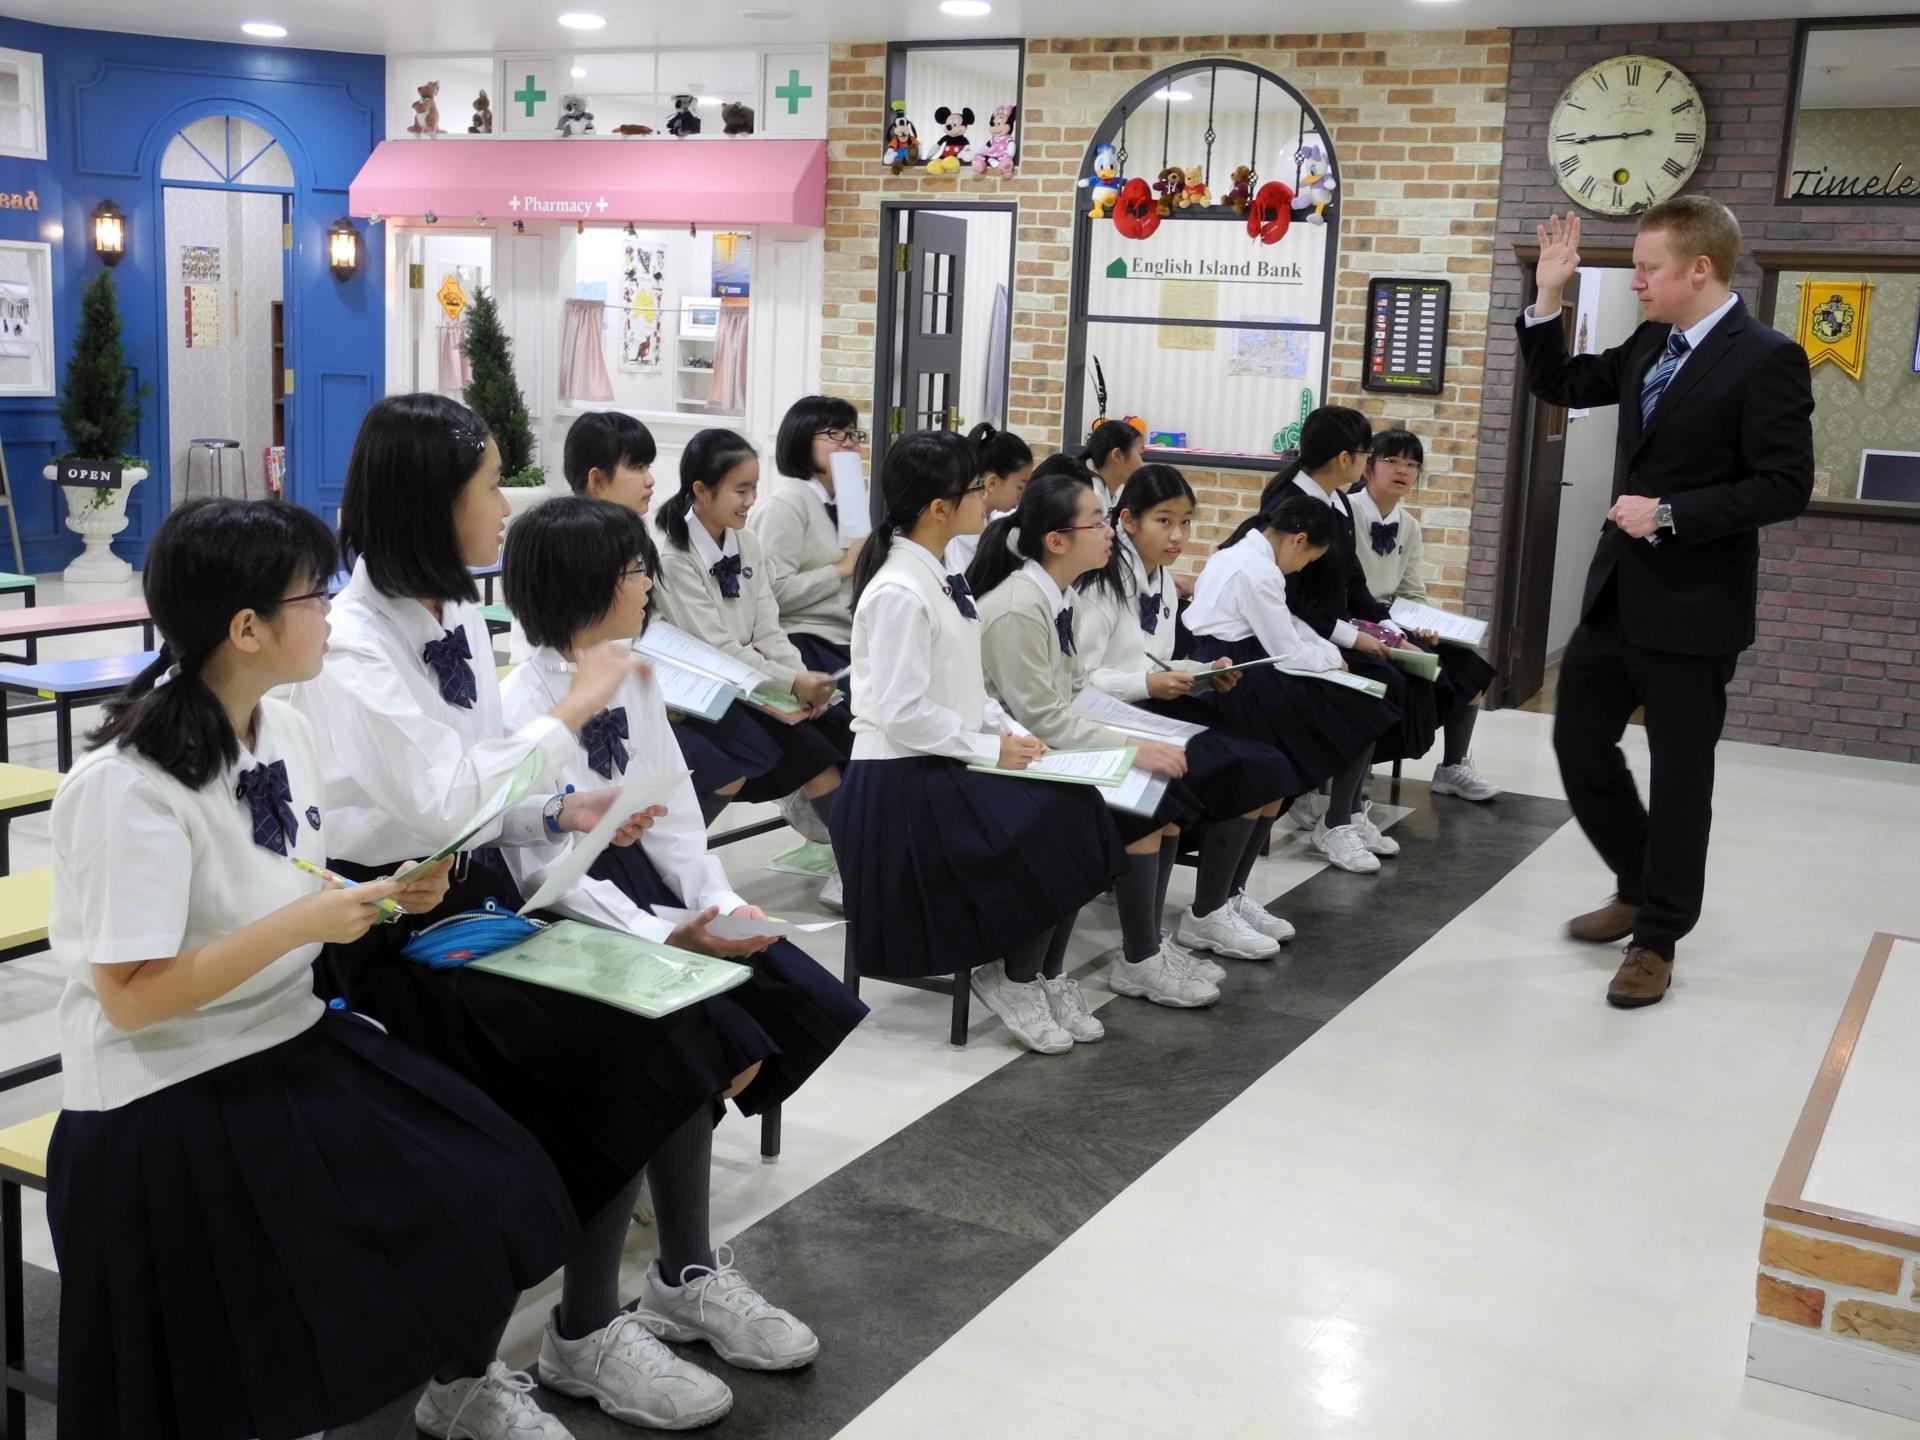 山脇学園中学校が2016年度入試より新たに「英語特別枠入試」を実施 -- 英語・国語・算数の3科目で「帰国生入試」と「一般入試」を実施